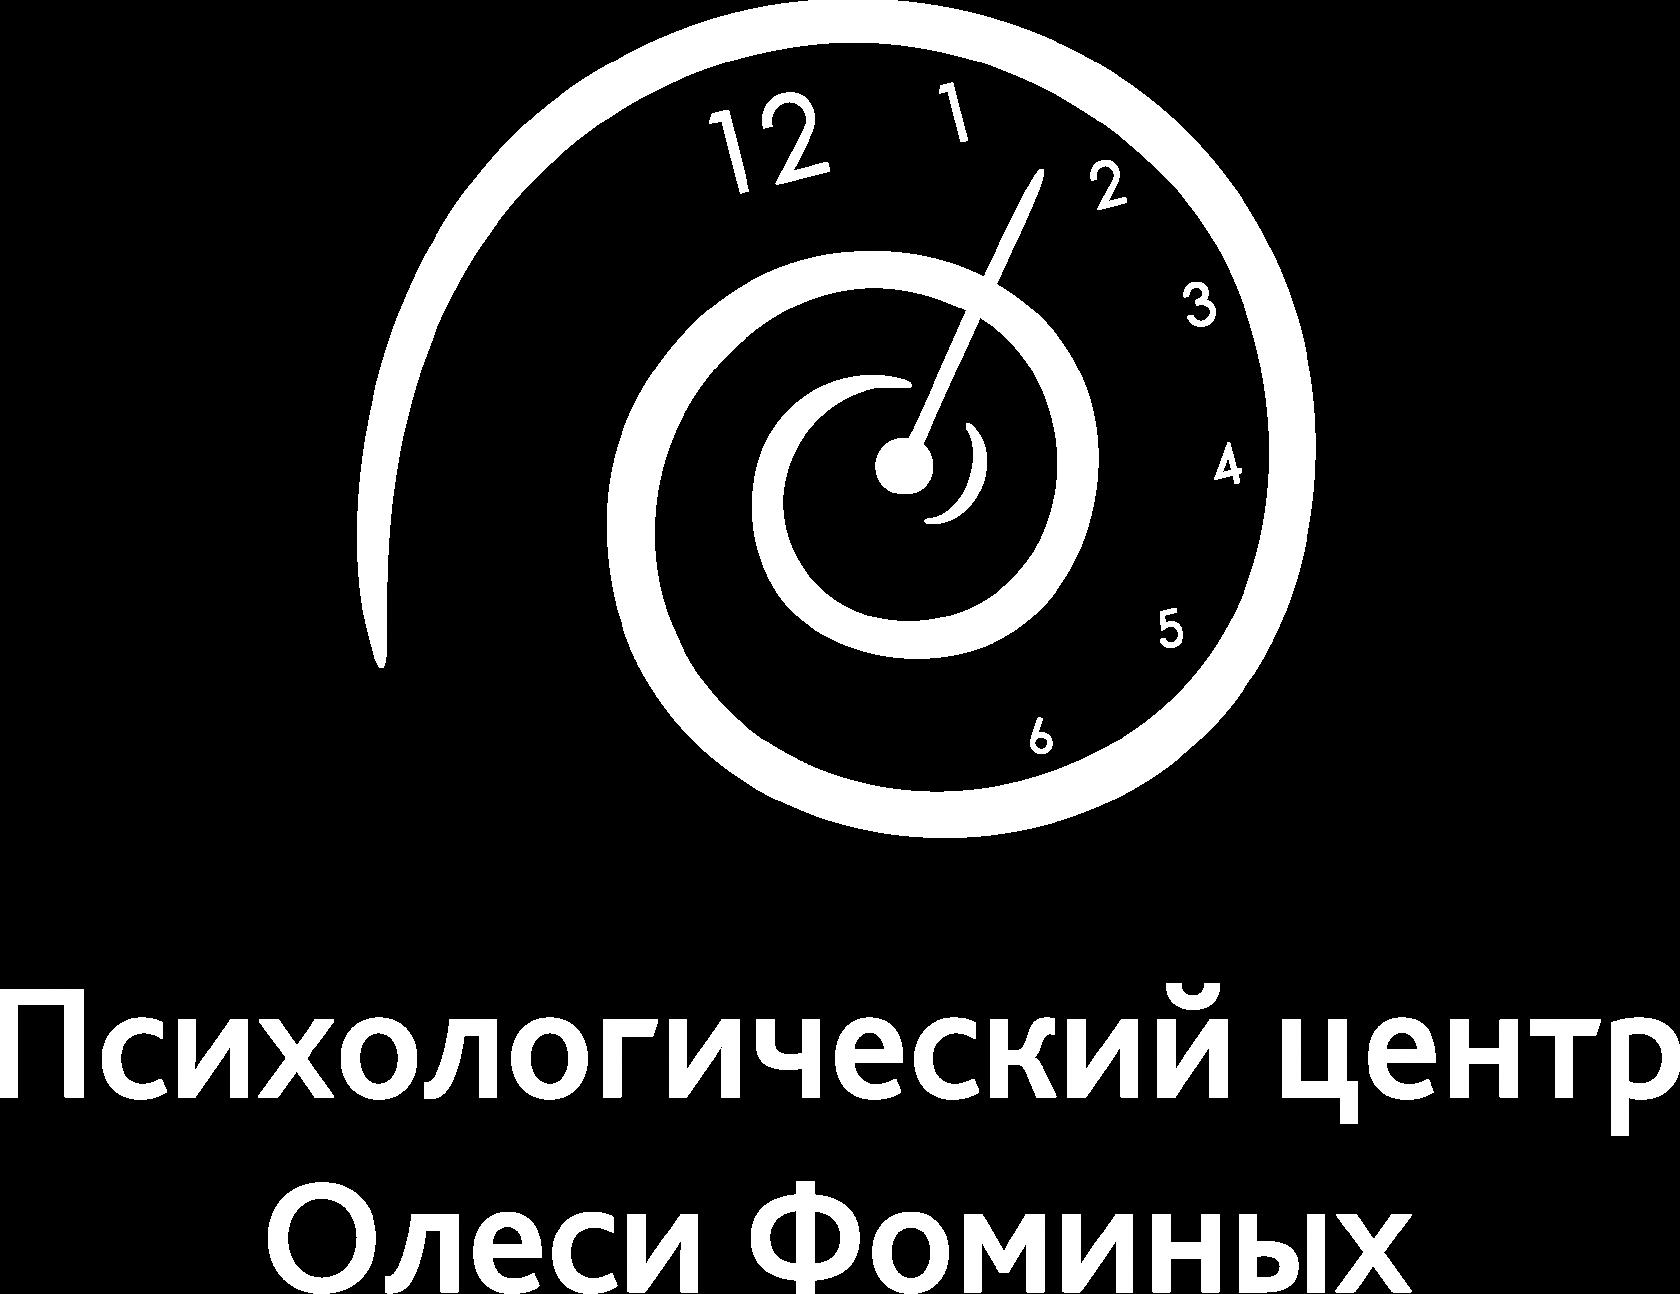 Психологический центр Олеси Фоминых